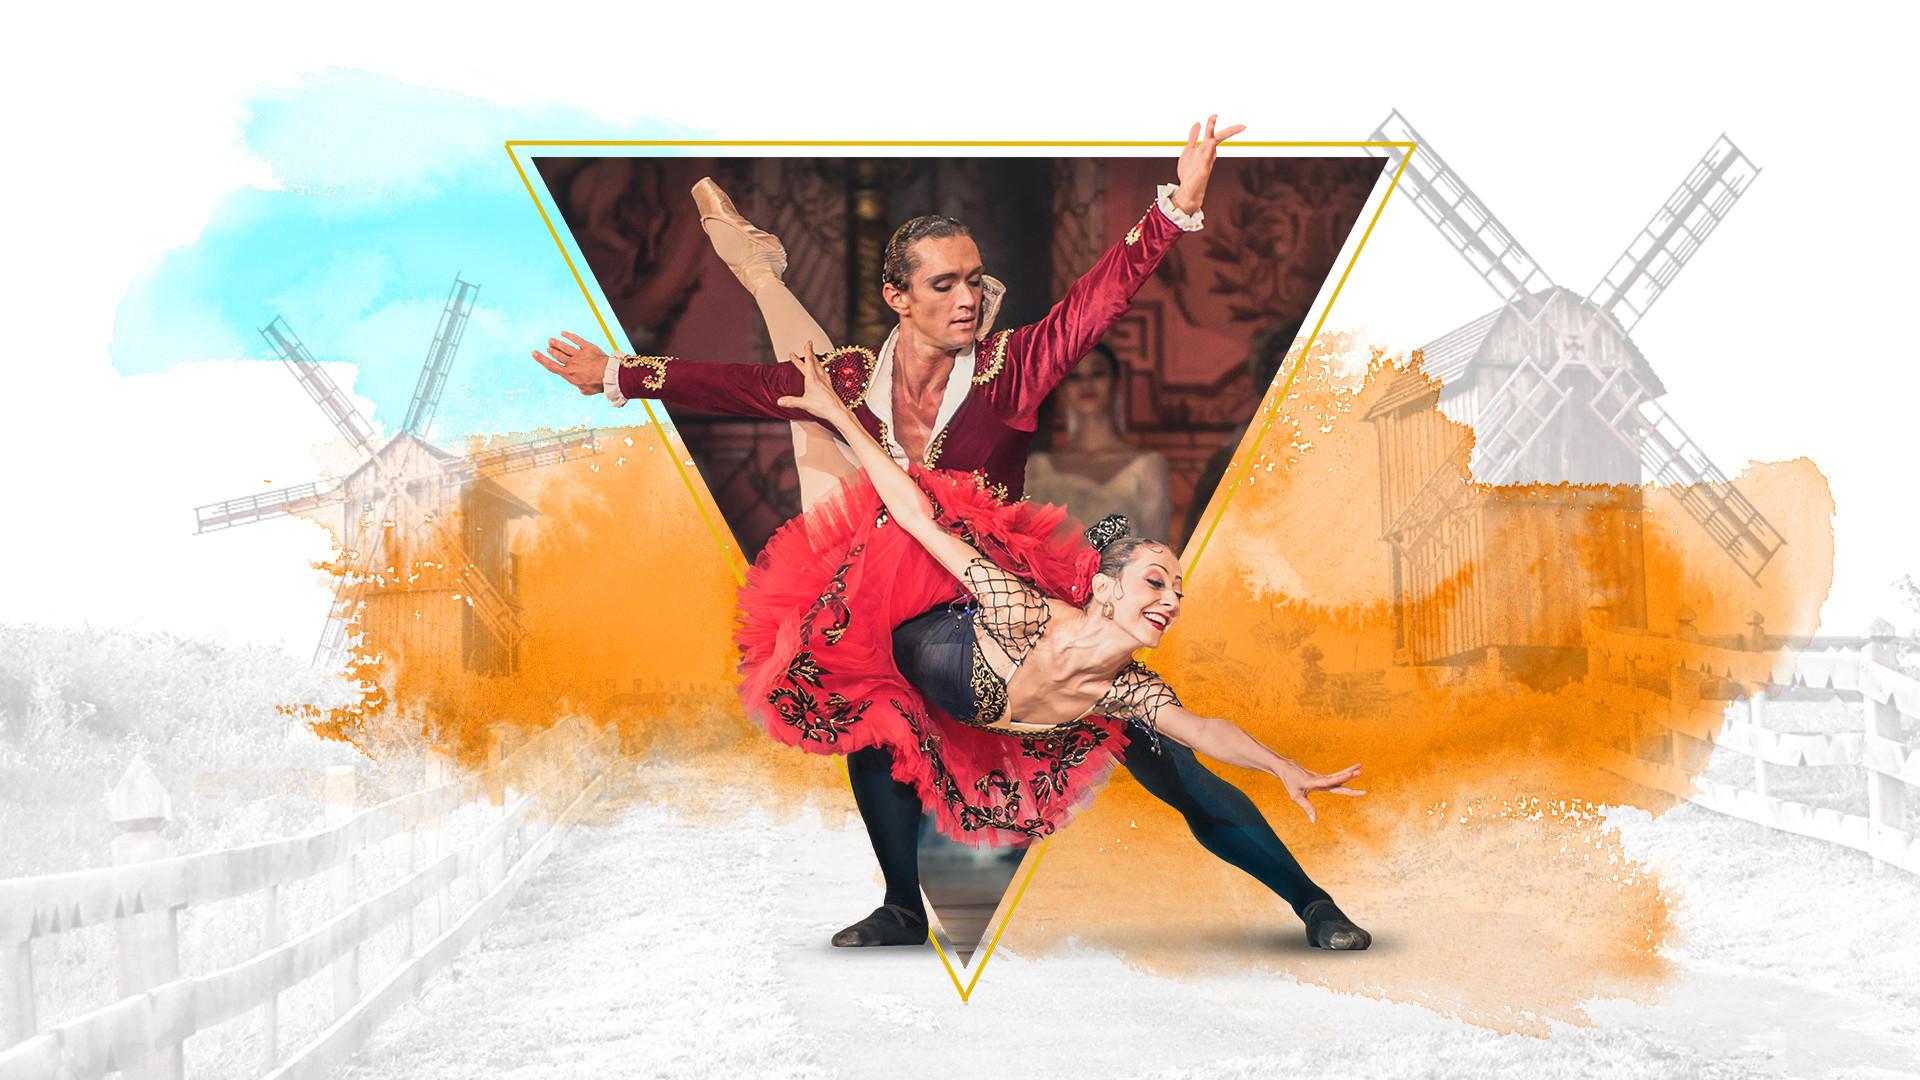 Дон Кихот. Государственный академический театр классического балета Н. Касаткиной и В. Василёва